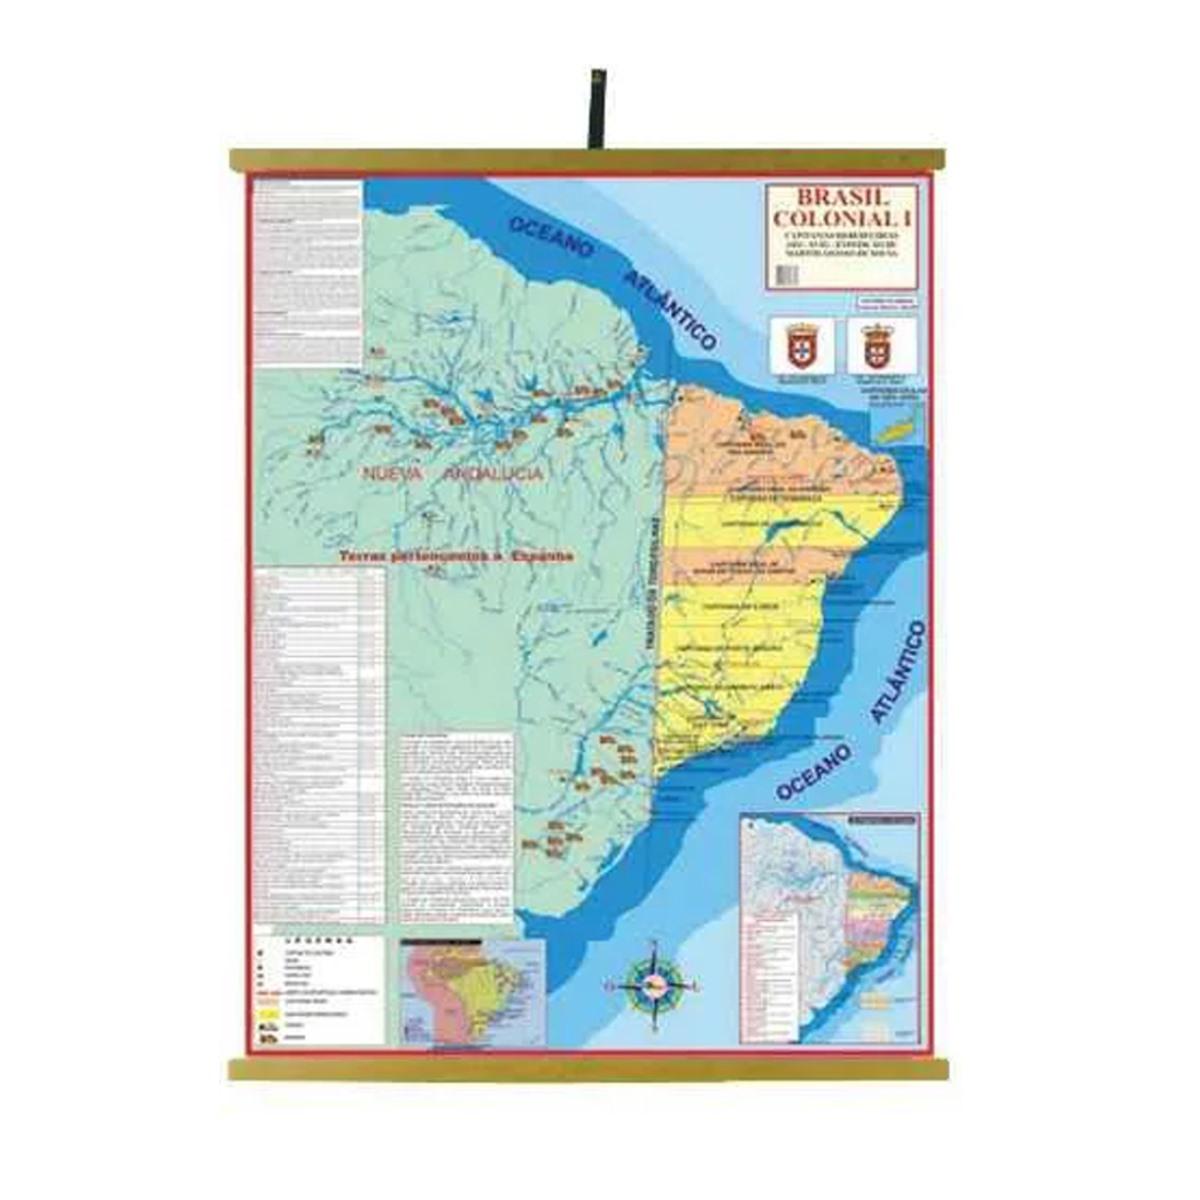 Mapas Educativos - Brasil Colonial I 1200x900mm